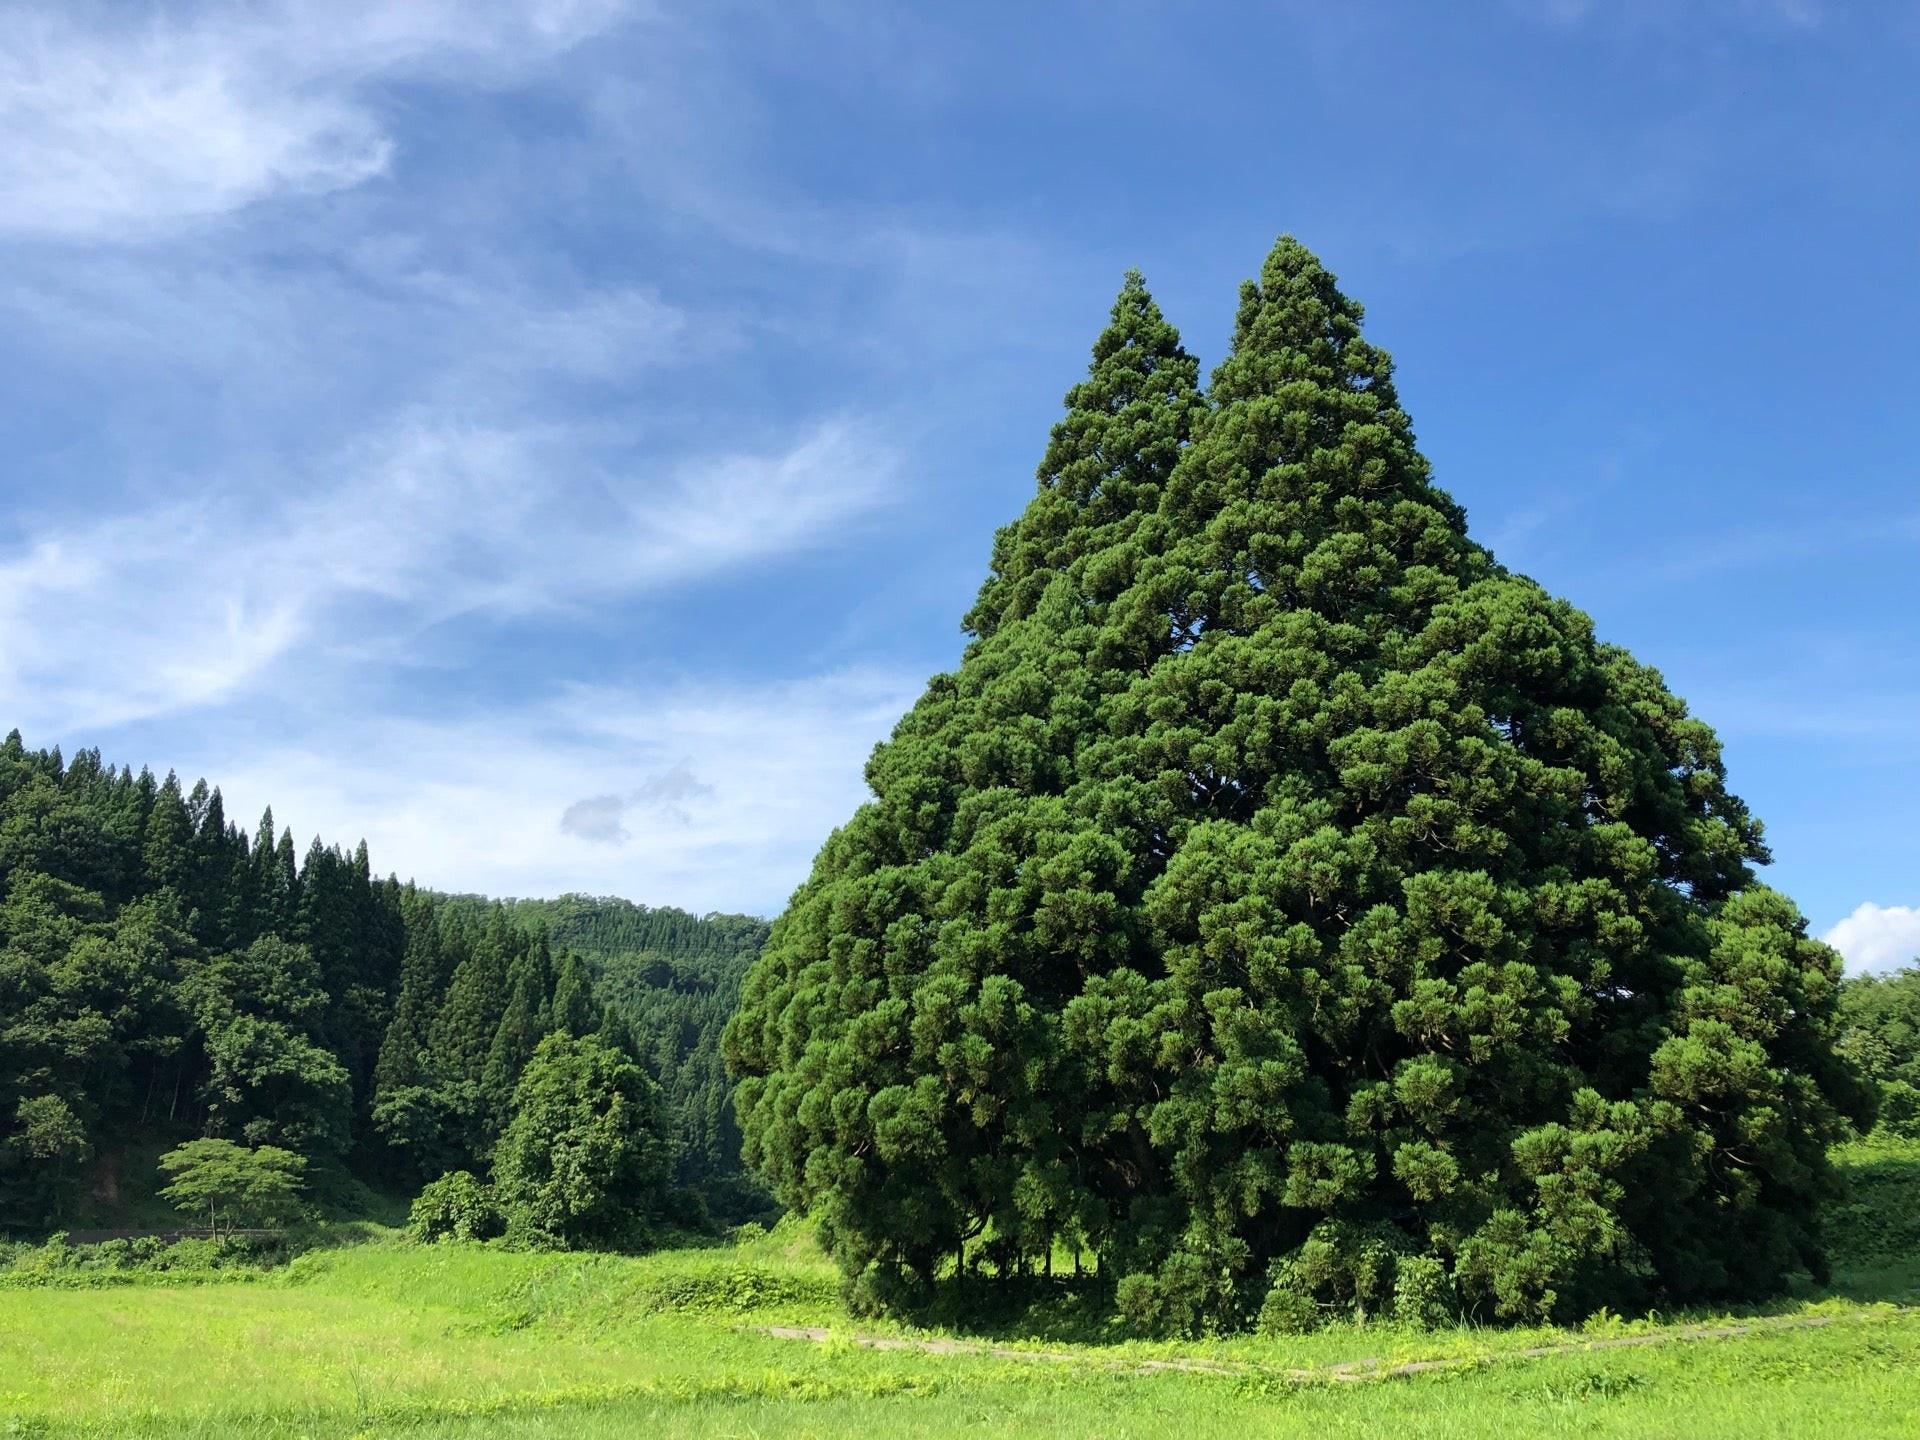 照片中包含了植被、溫帶針葉林、熱帶和亞熱帶針葉林、針葉樹、植被